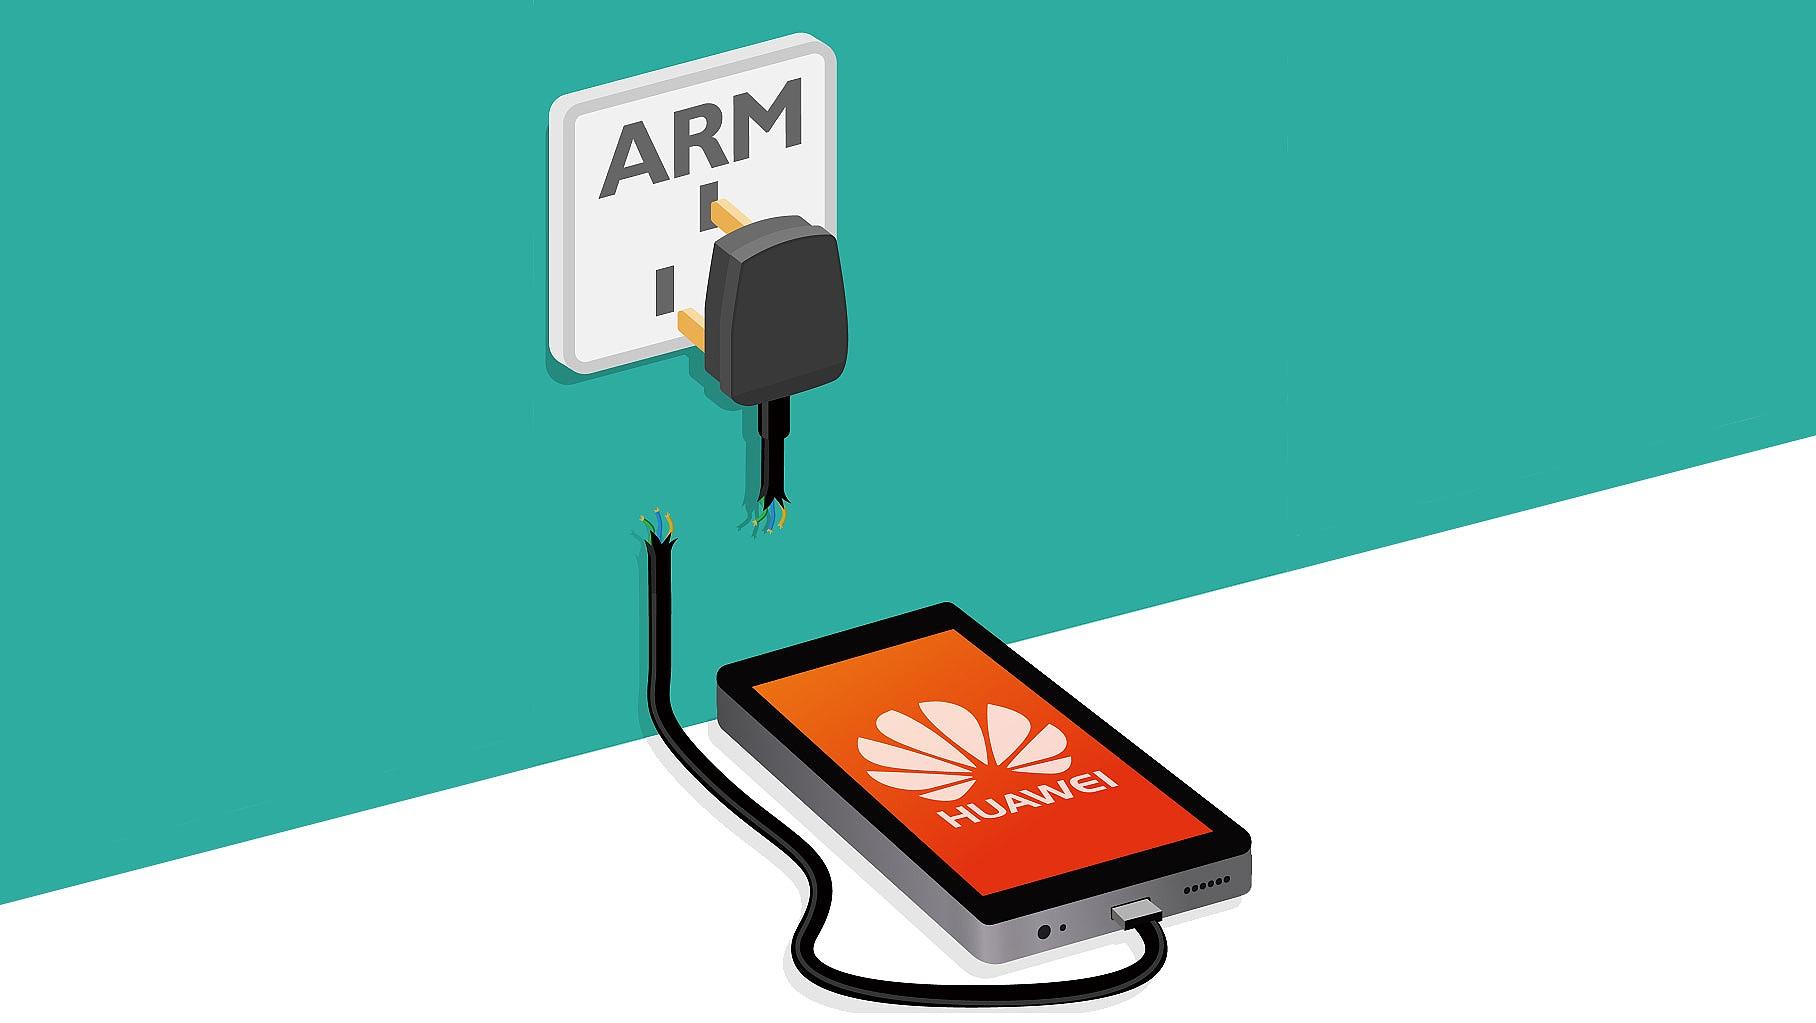 """Chủ tịch SoftBank xác nhận ARM vẫn chưa """"dứt tình"""" với Huawei"""